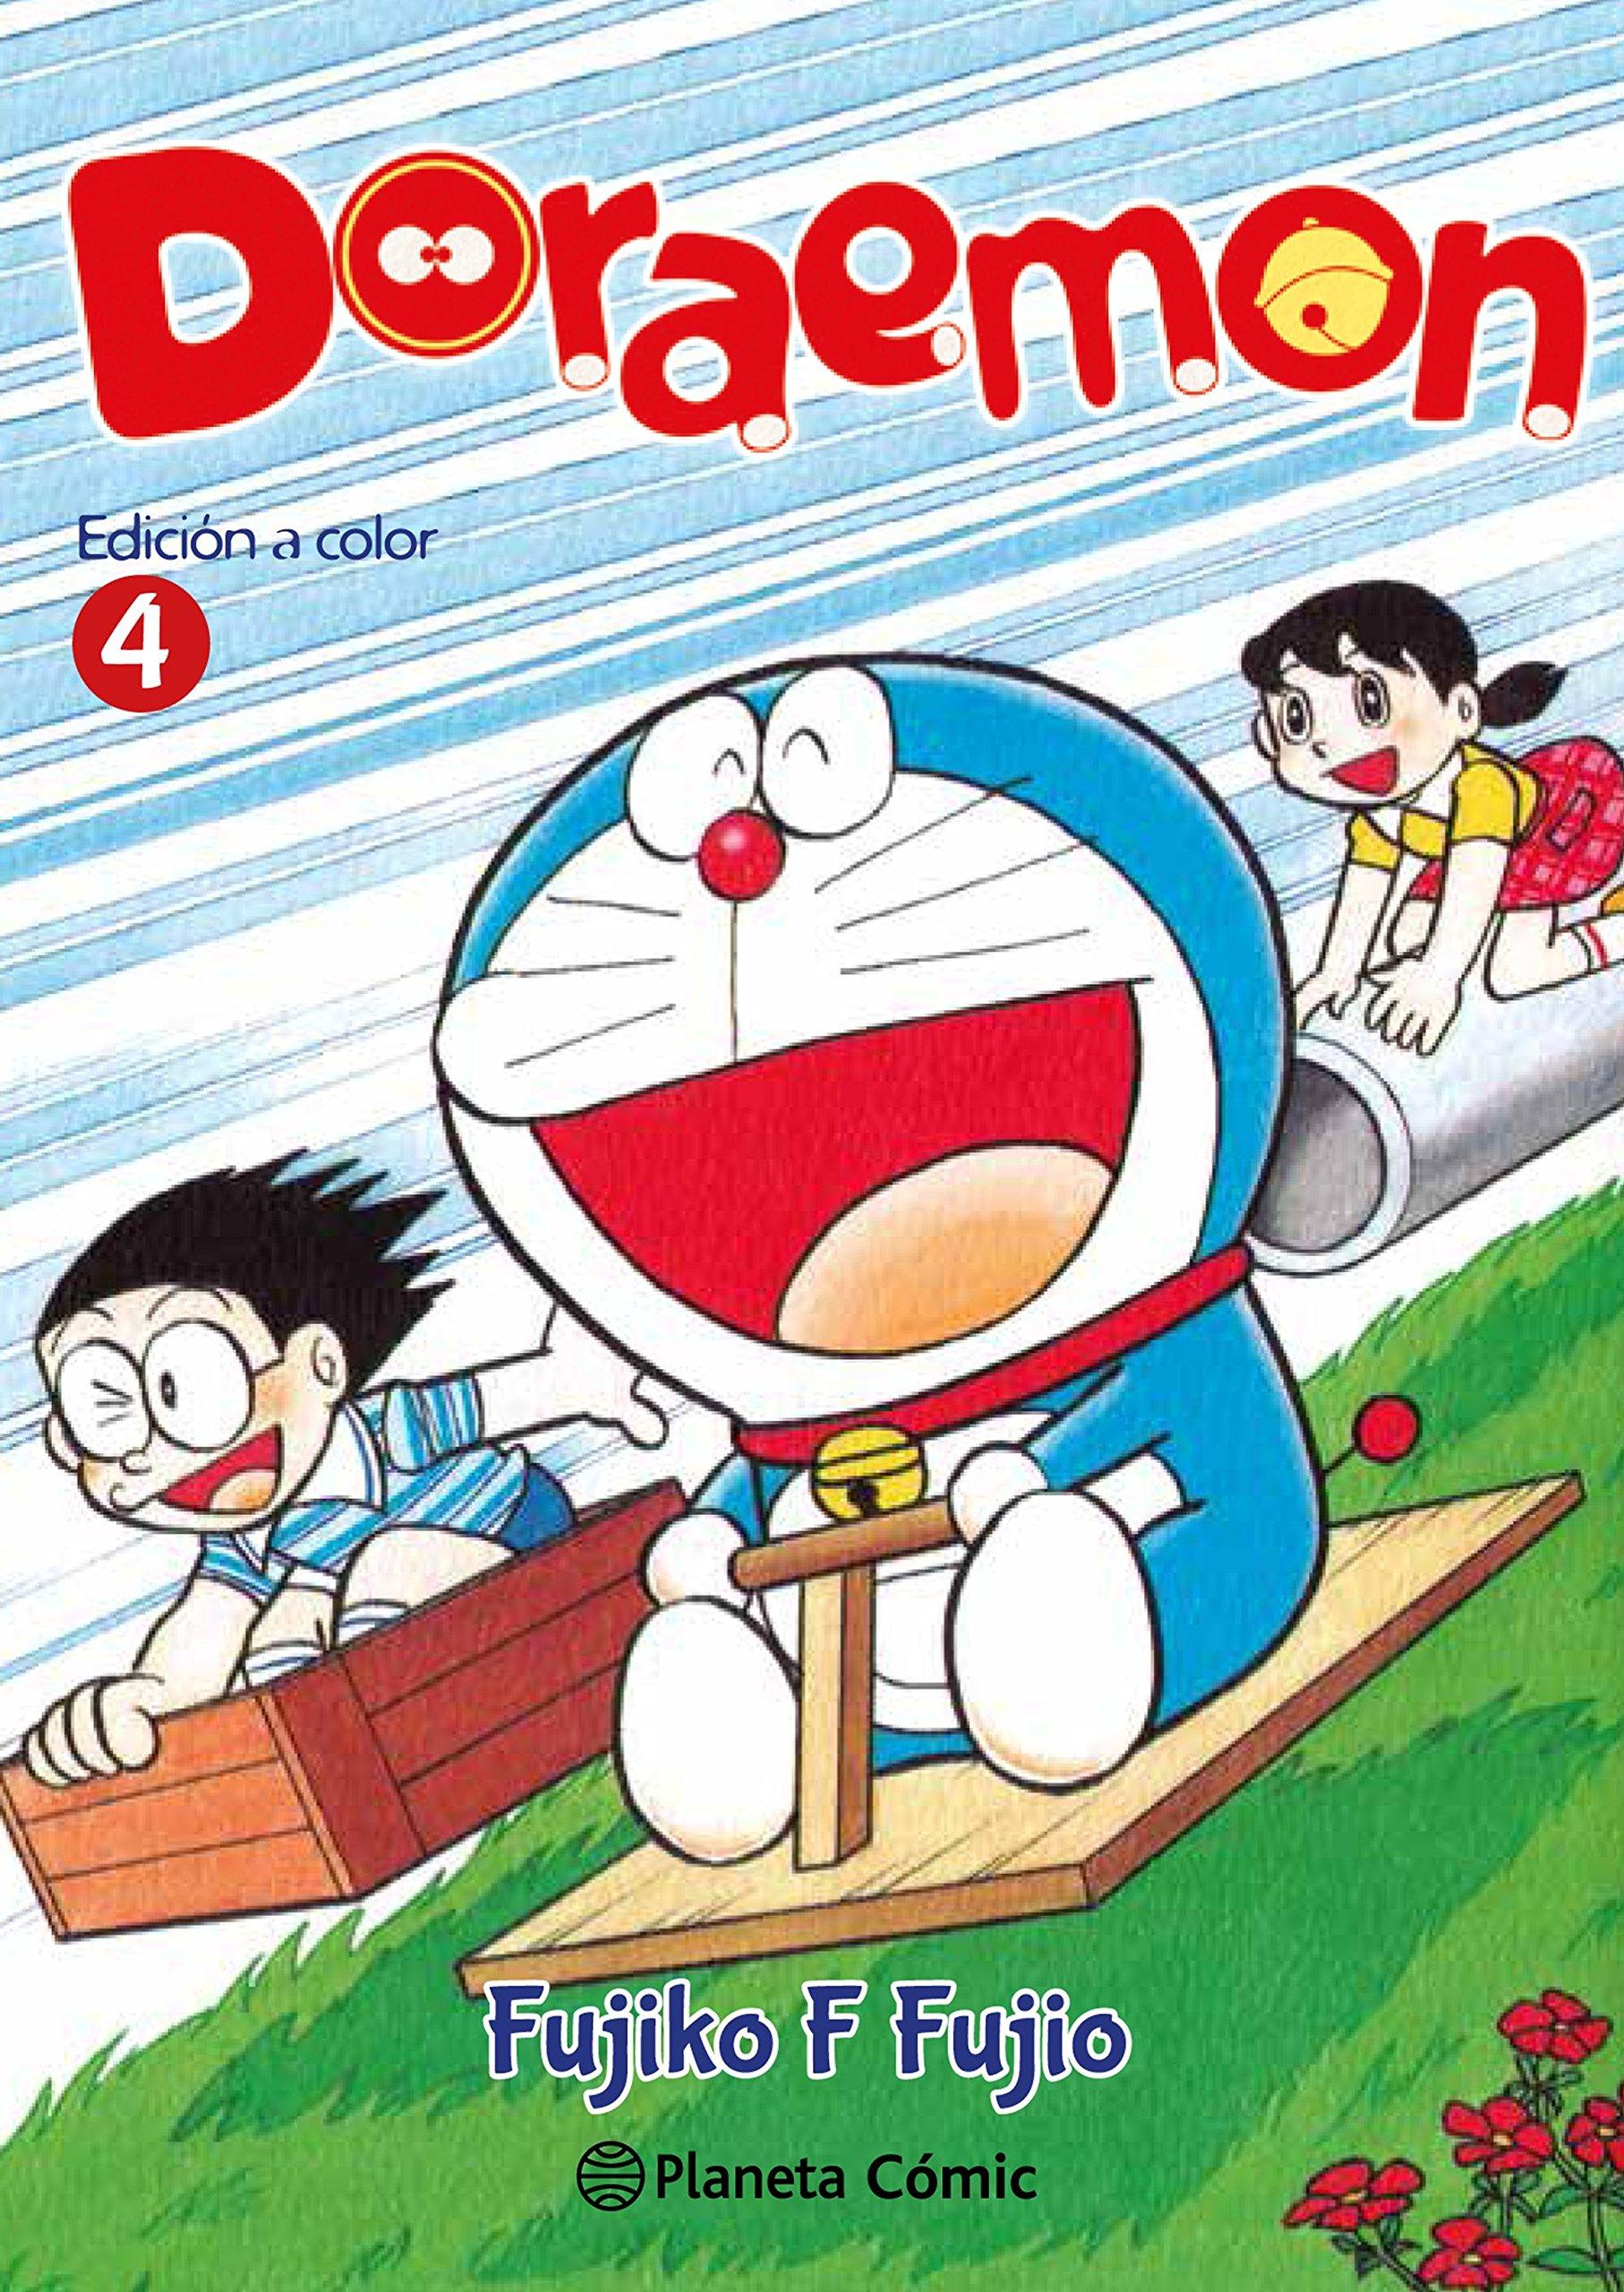 Doraemon Color nº 04/06 (Manga Kodomo): Amazon.es: Fujio, Fujiko F., Daruma: Libros